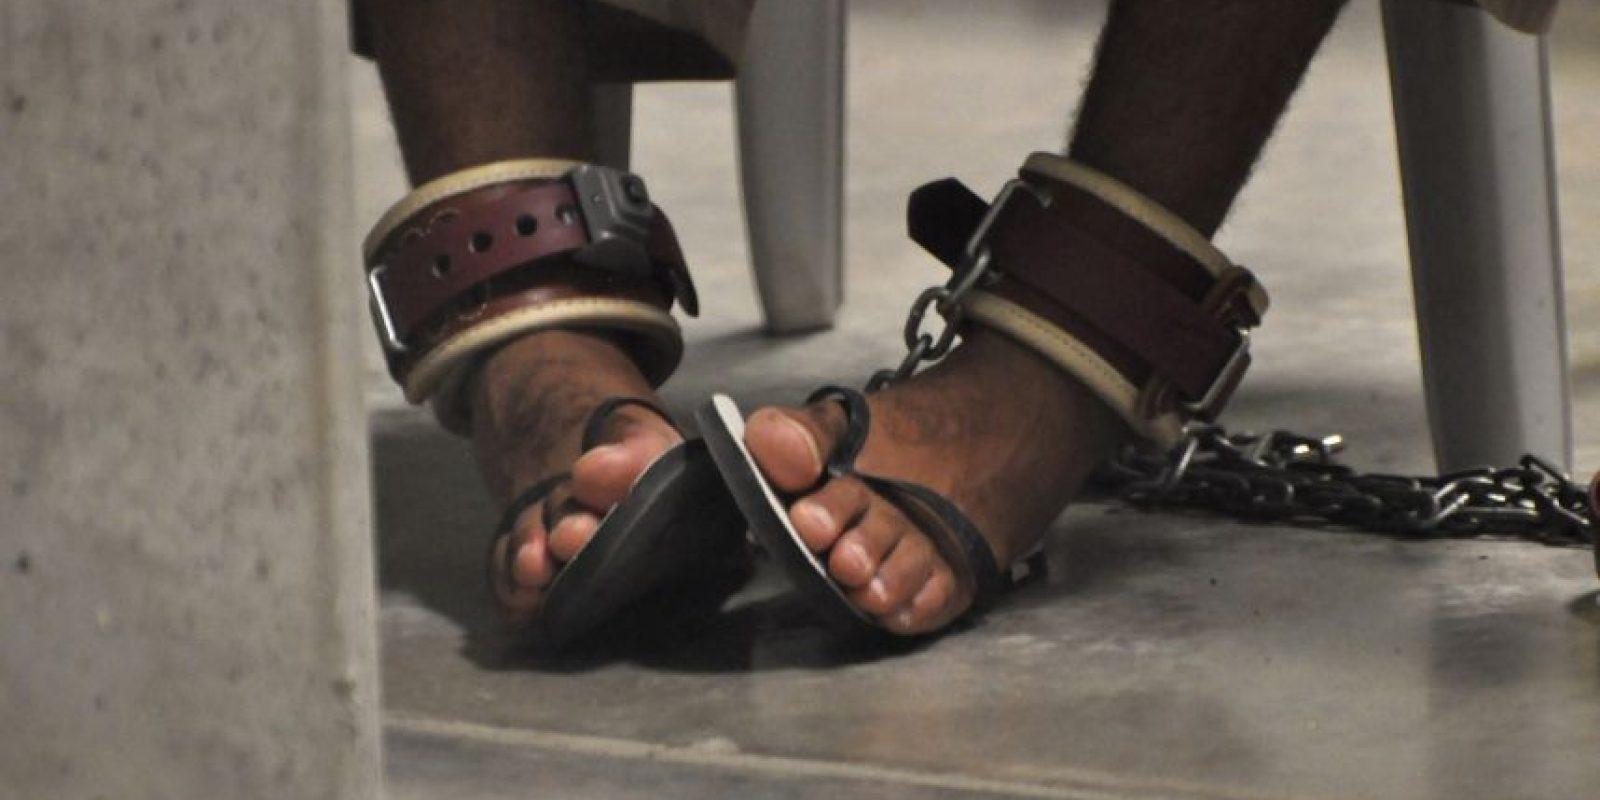 """El jefe de la prisión, David Heath, indicó a """"El País"""": """"No hay torturas aquí. No puedo hablar de lo que pasó en el pasado"""". Foto:Getty Images"""